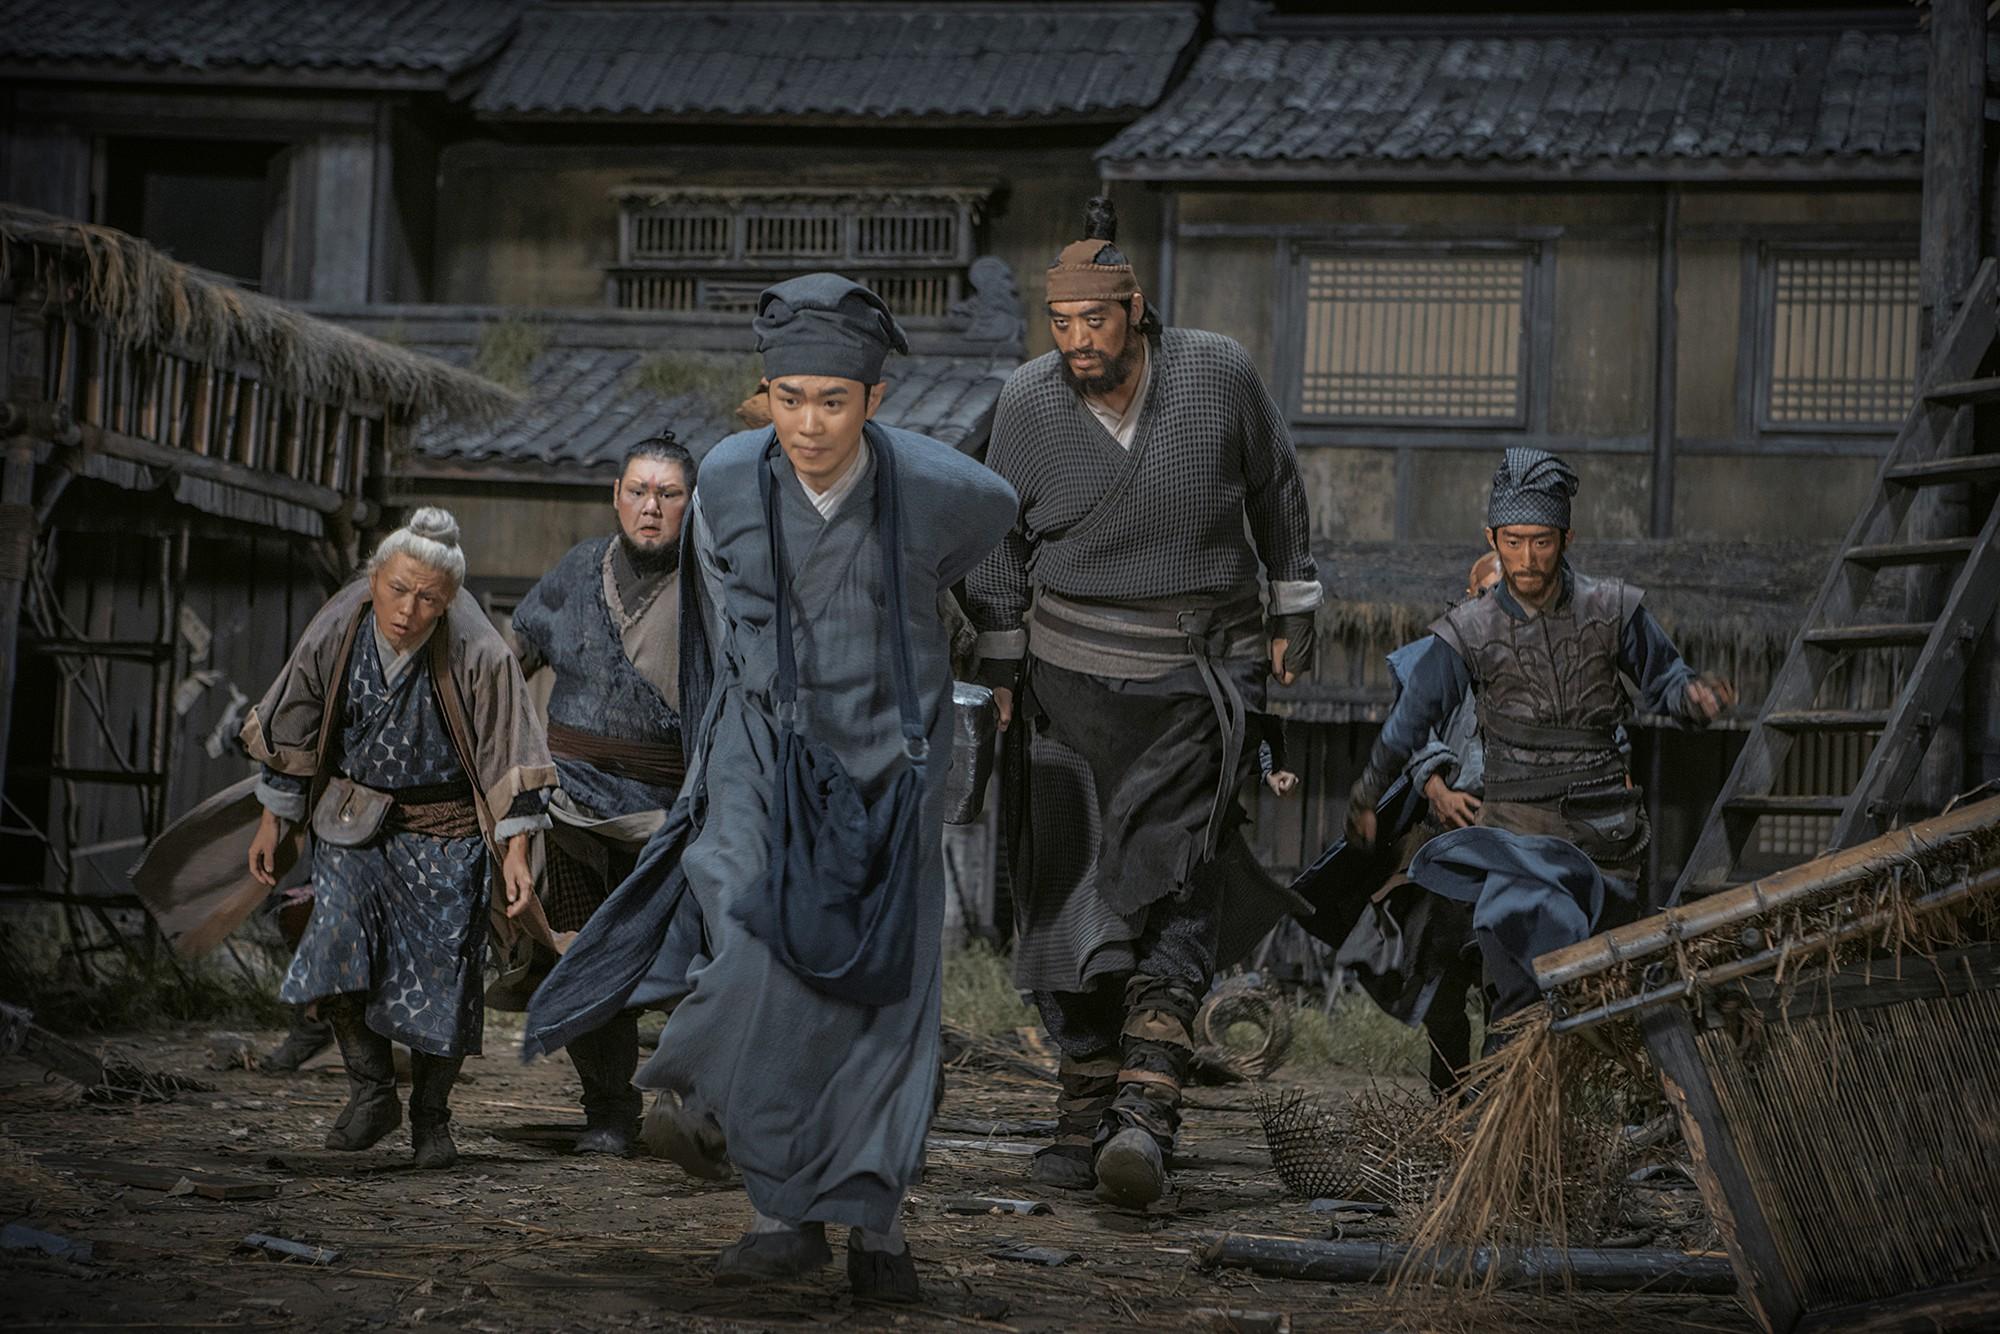 Ngũ Hiệp Trừ Yêu: Đã hiểu vì sao phim bị chê làm mất mặt Trung Quốc - Ảnh 3.